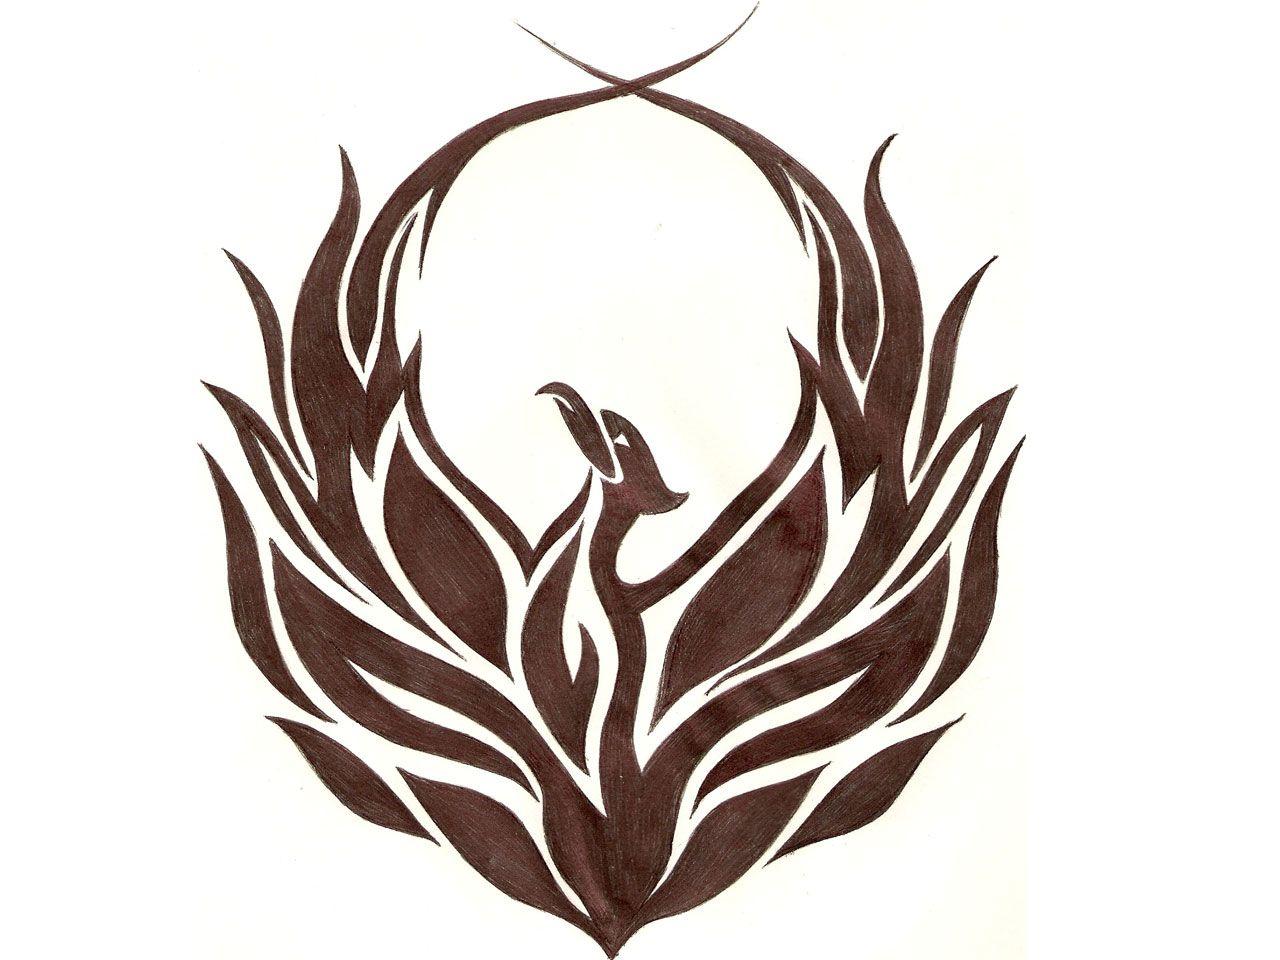 Phoenix tattoo for men - Phoenix Tattoo Tribal Phoenix Tattoo Idea Picture In Category Tribal Tattoos